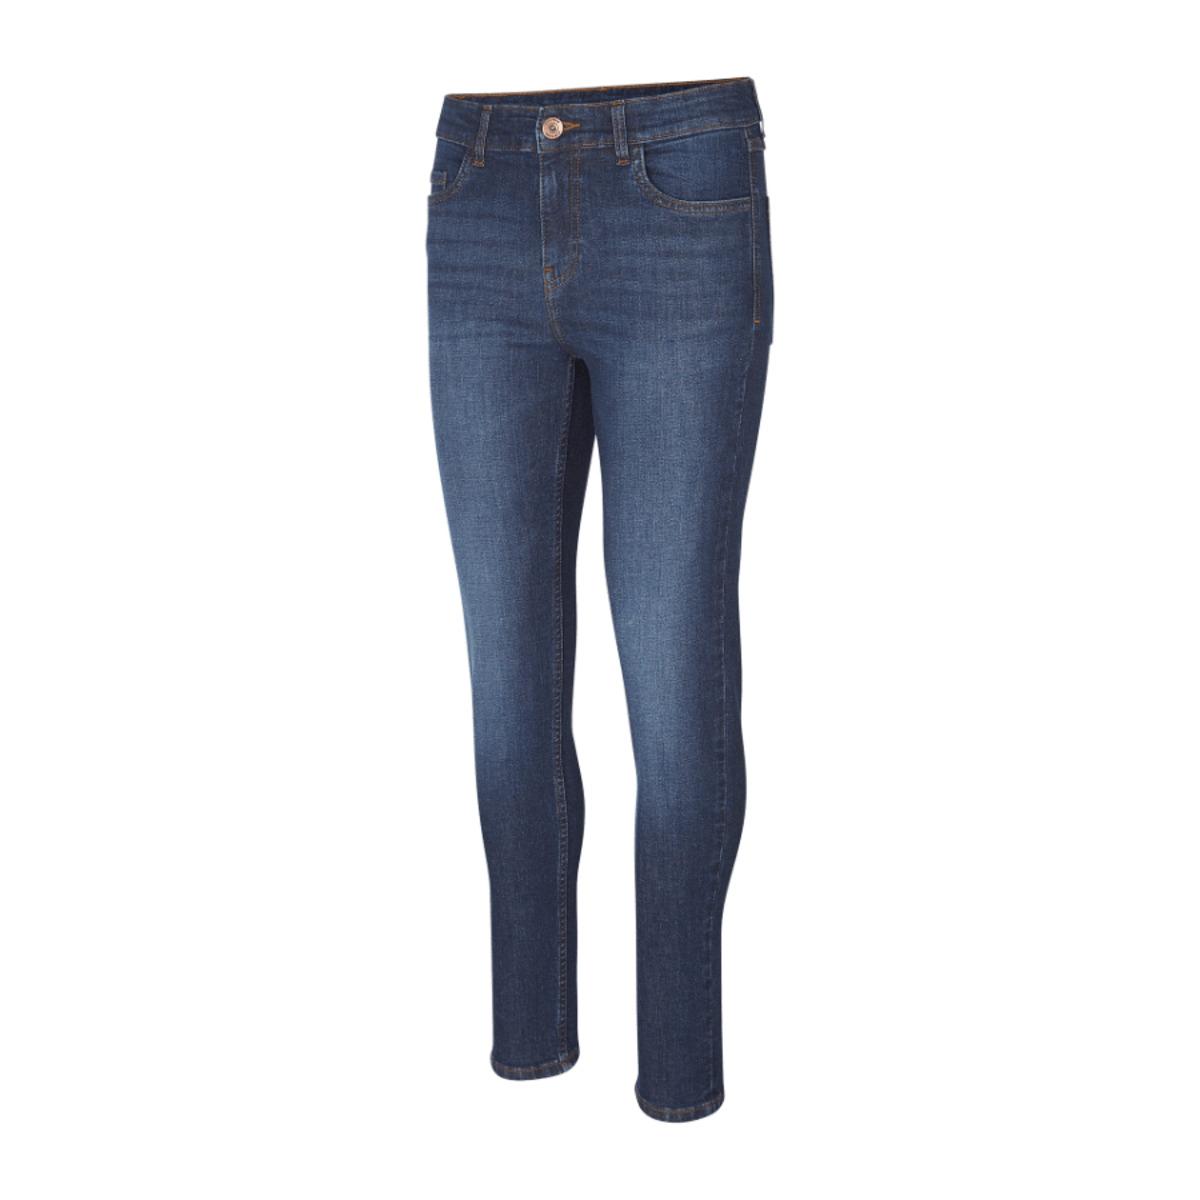 Bild 3 von UP2FASHION     Jeans, laser finished